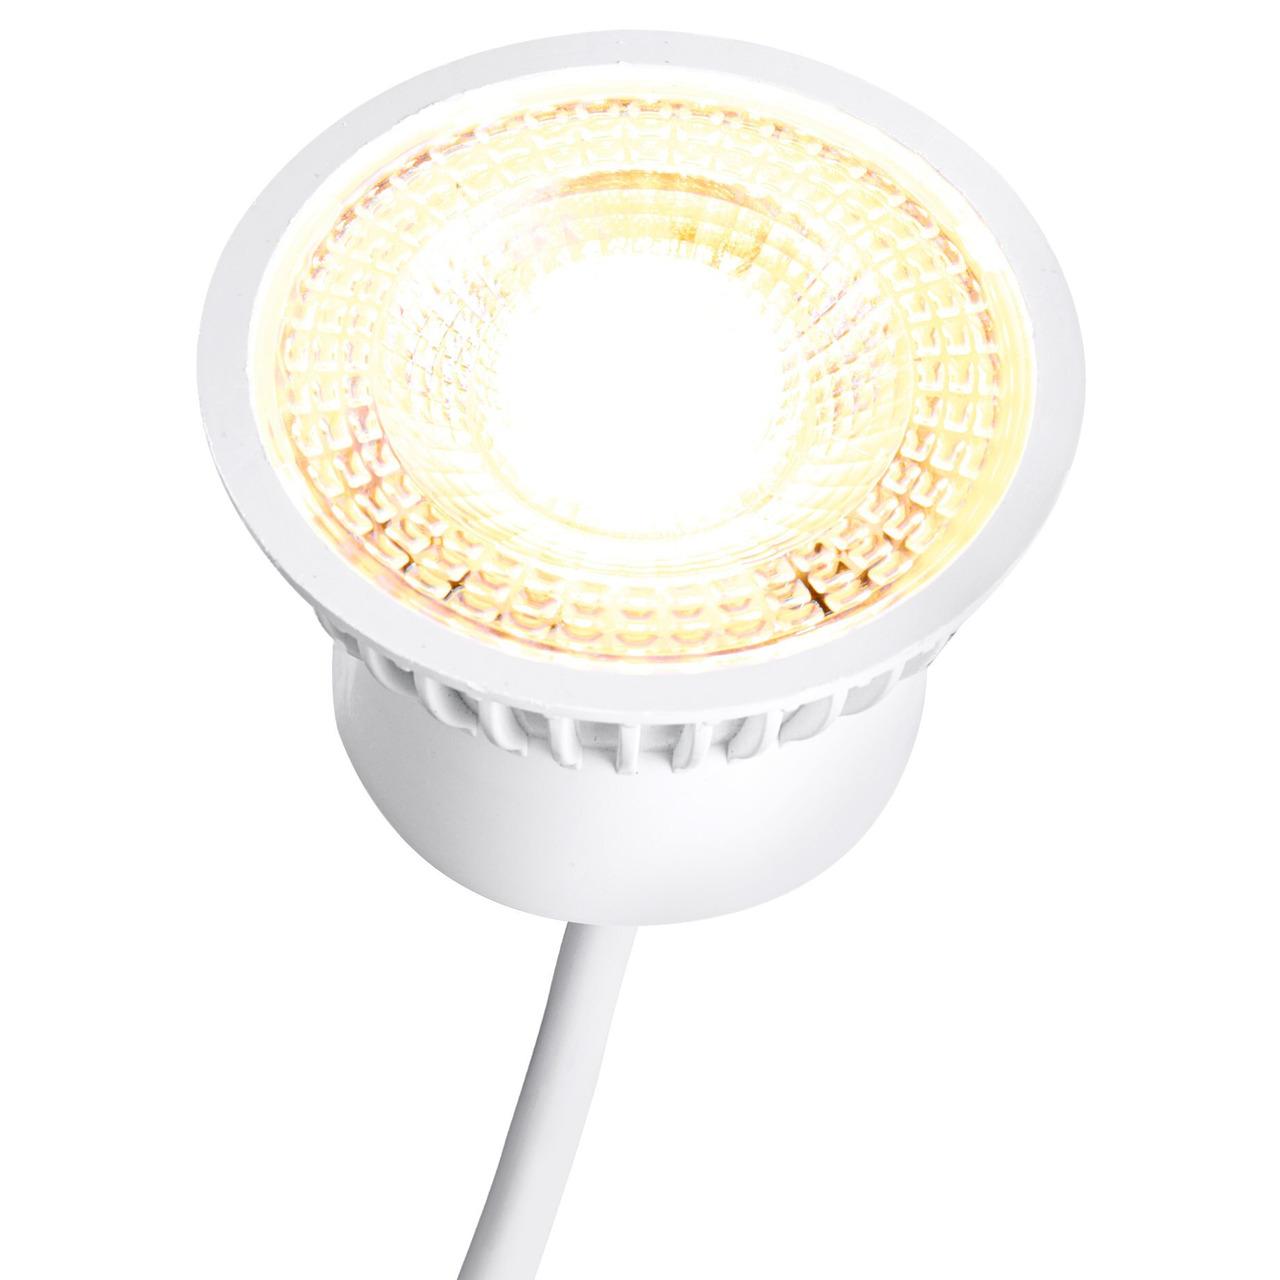 HEITRONIC 5-W-LED-Modul fund-252 r Standard-GU10-GU5-3-Fassungen- 3fach dimmbar per Lichtschalter- warmweiund-223